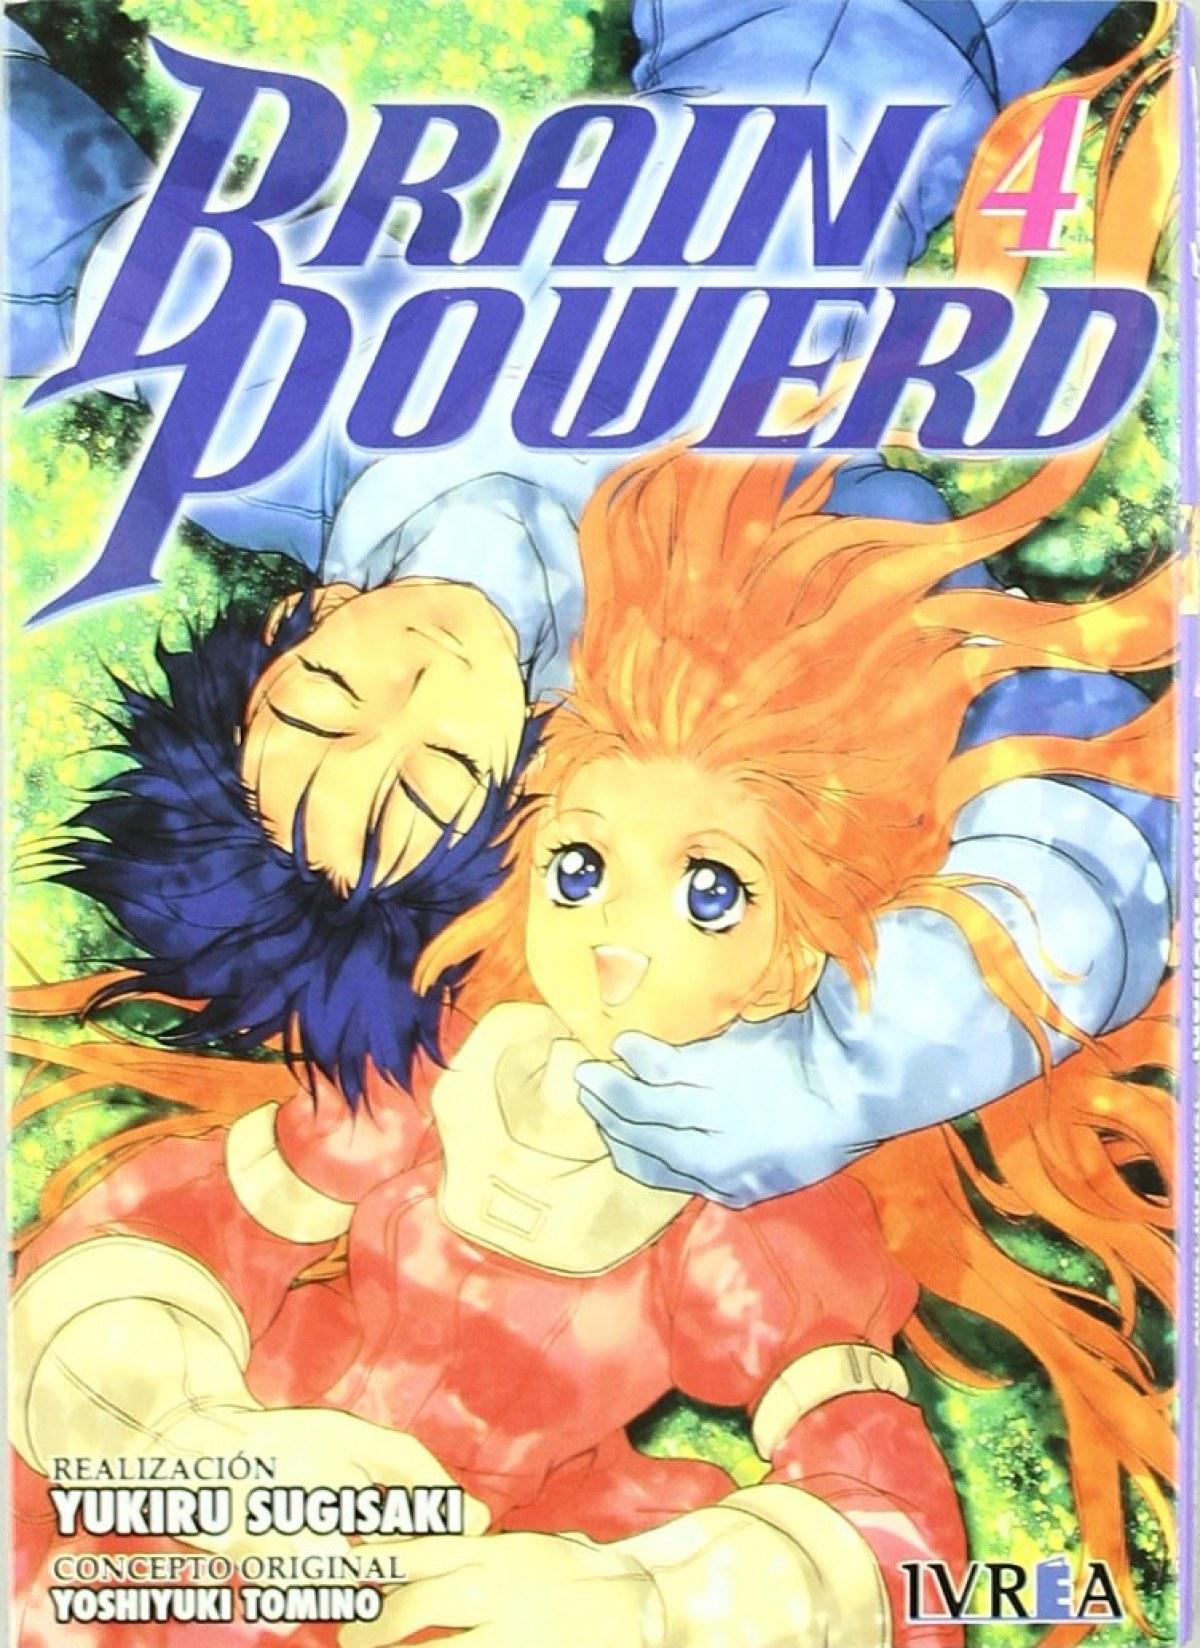 Brain Powerd, 4 - Sugisaki, Yukiru